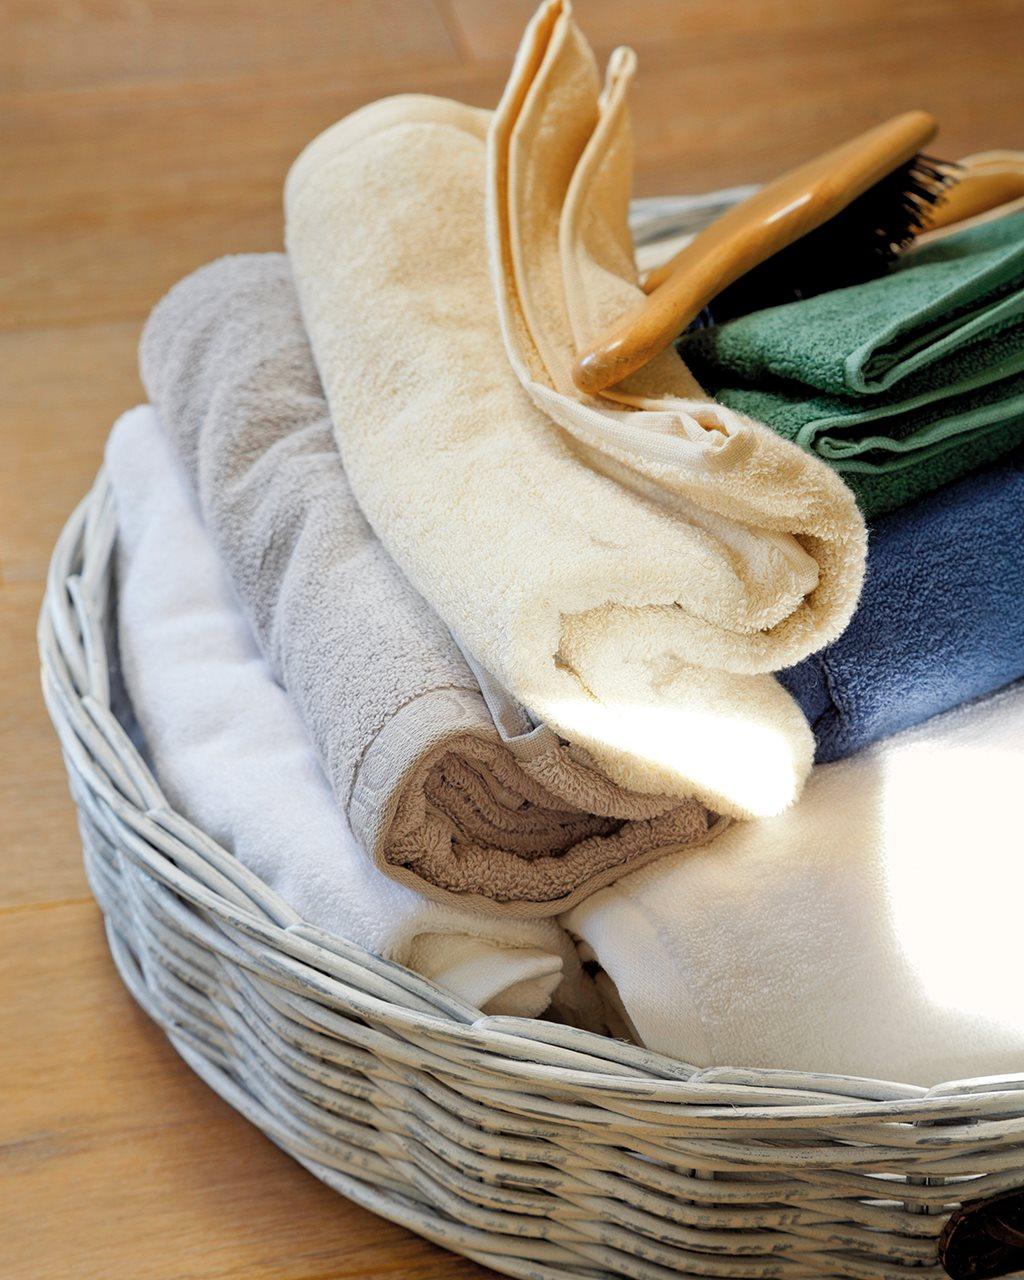 Detalle de cesto de mimbre con toallas. Toallas siempre a punto.